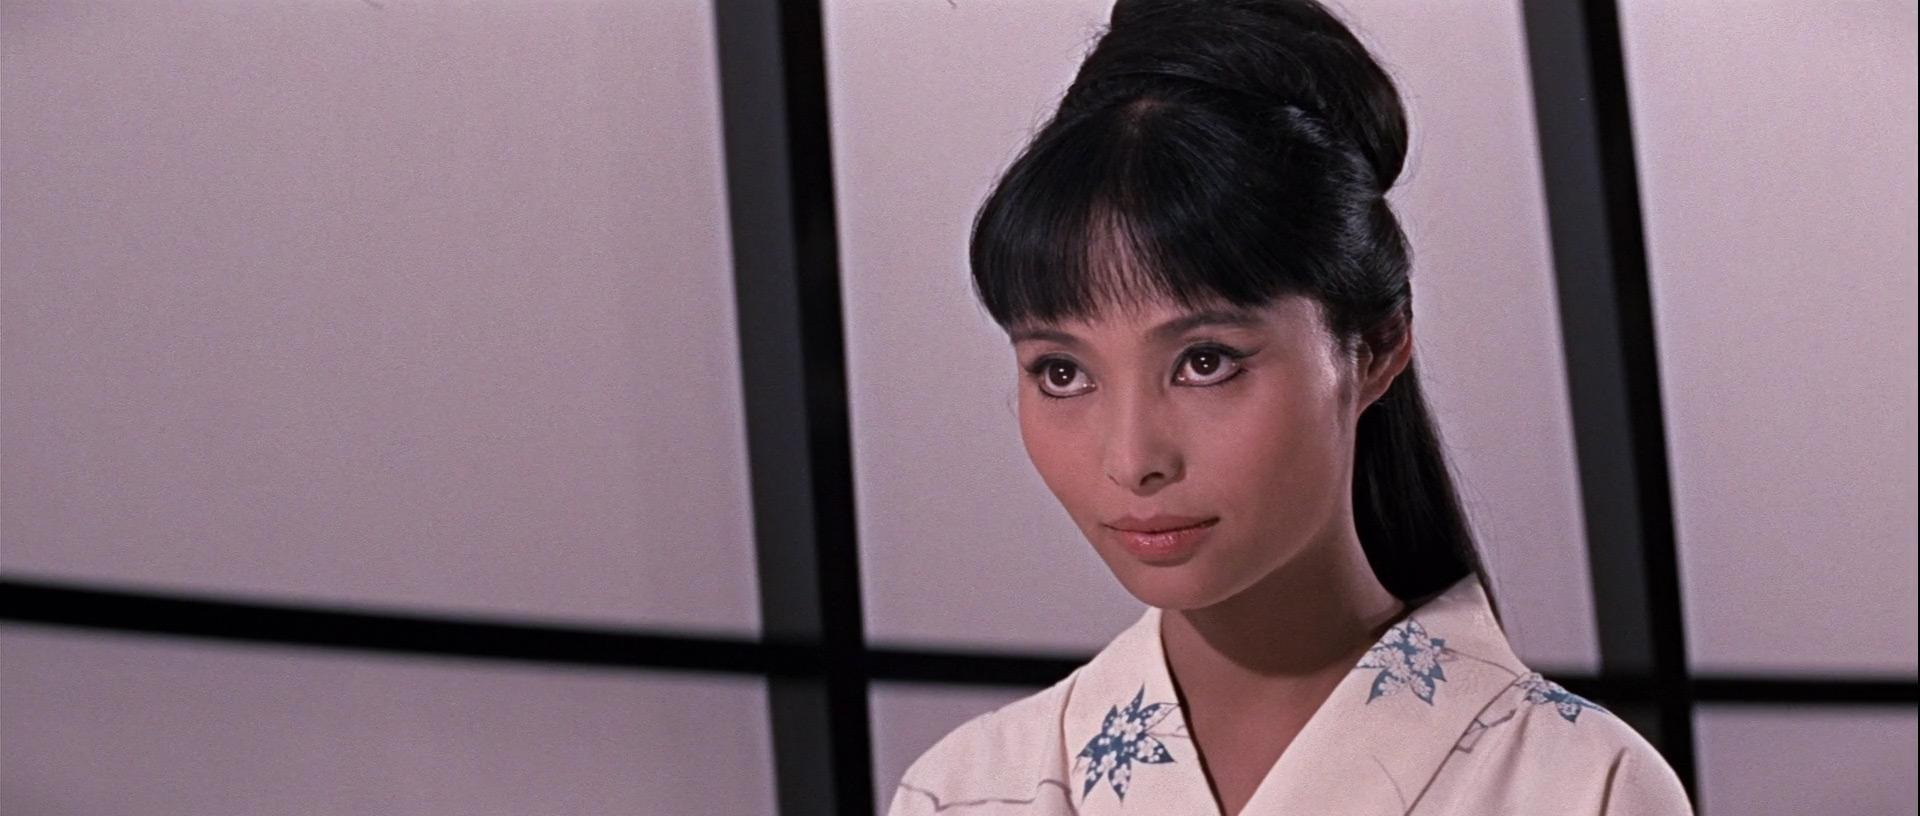 Akiko Wakabayashi in Agente 007 - Si vive solo due volte